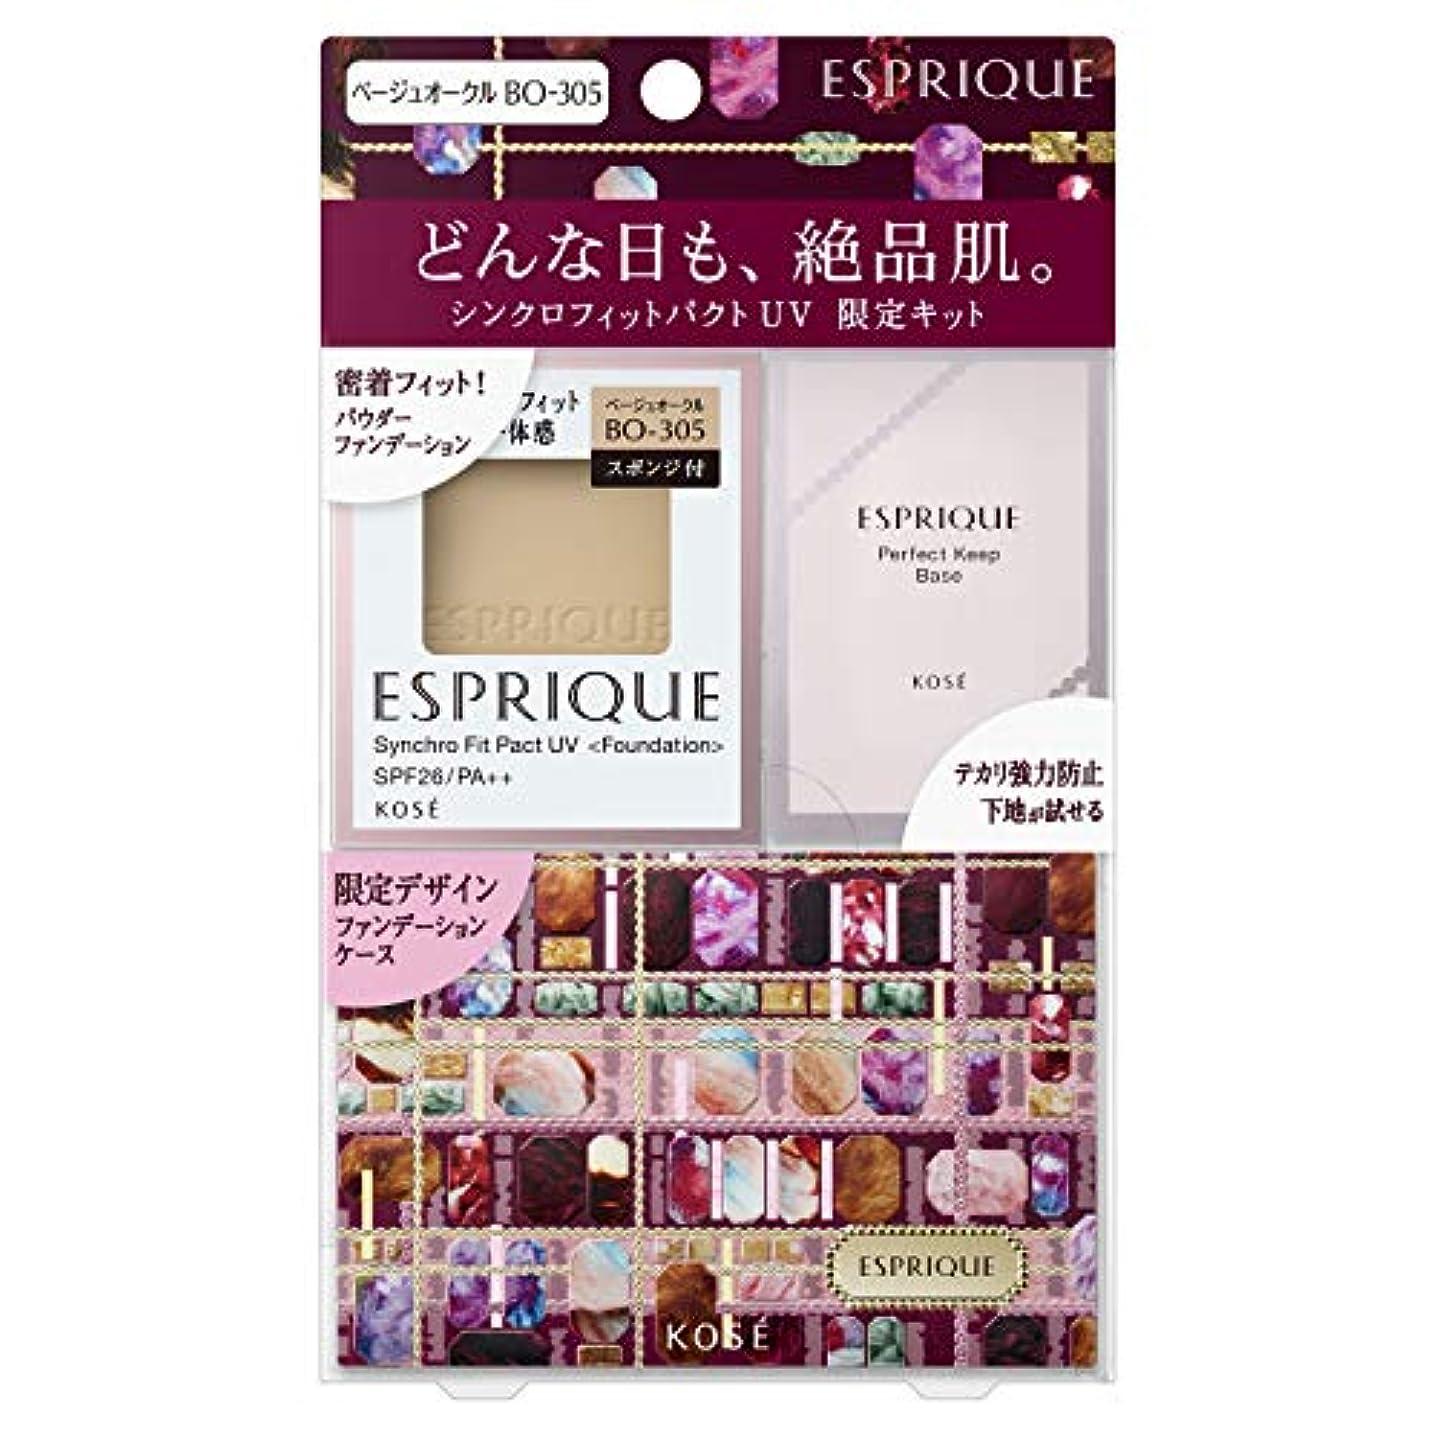 チョップ財産場所ESPRIQUE(エスプリーク) エスプリーク シンクロフィット パクト UV 限定キット 2 ファンデーション BO-305 ベージュオークル セット 9.3g+0.6g+ケース付き